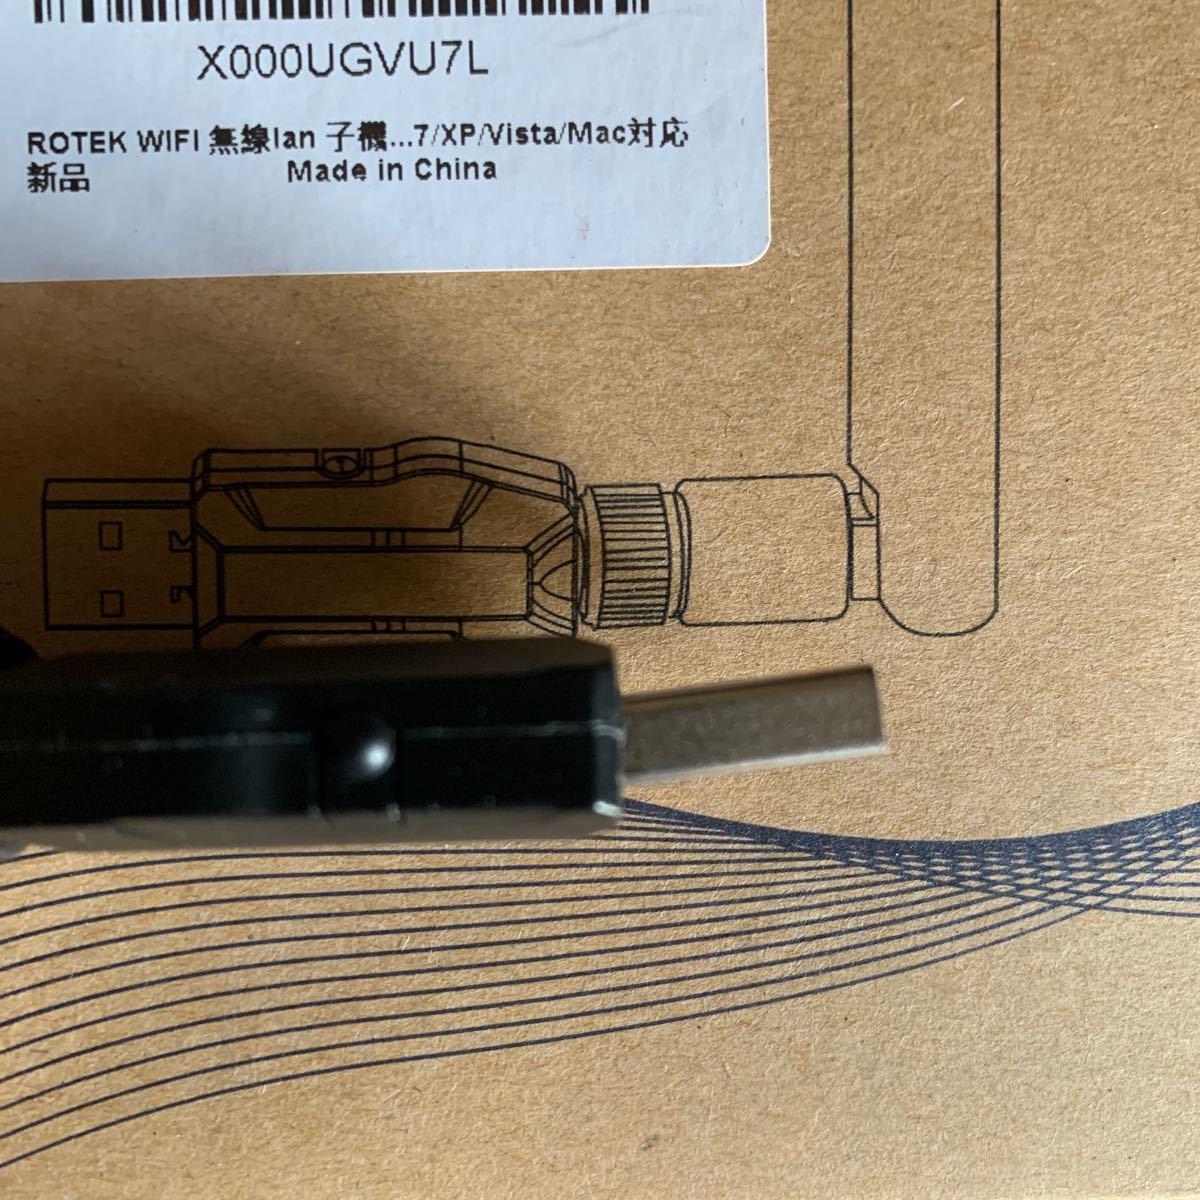 ジャンク WiFi 無線LAN 子機 1200Mbps USB3.0 高速 5GHz 2.4GHz